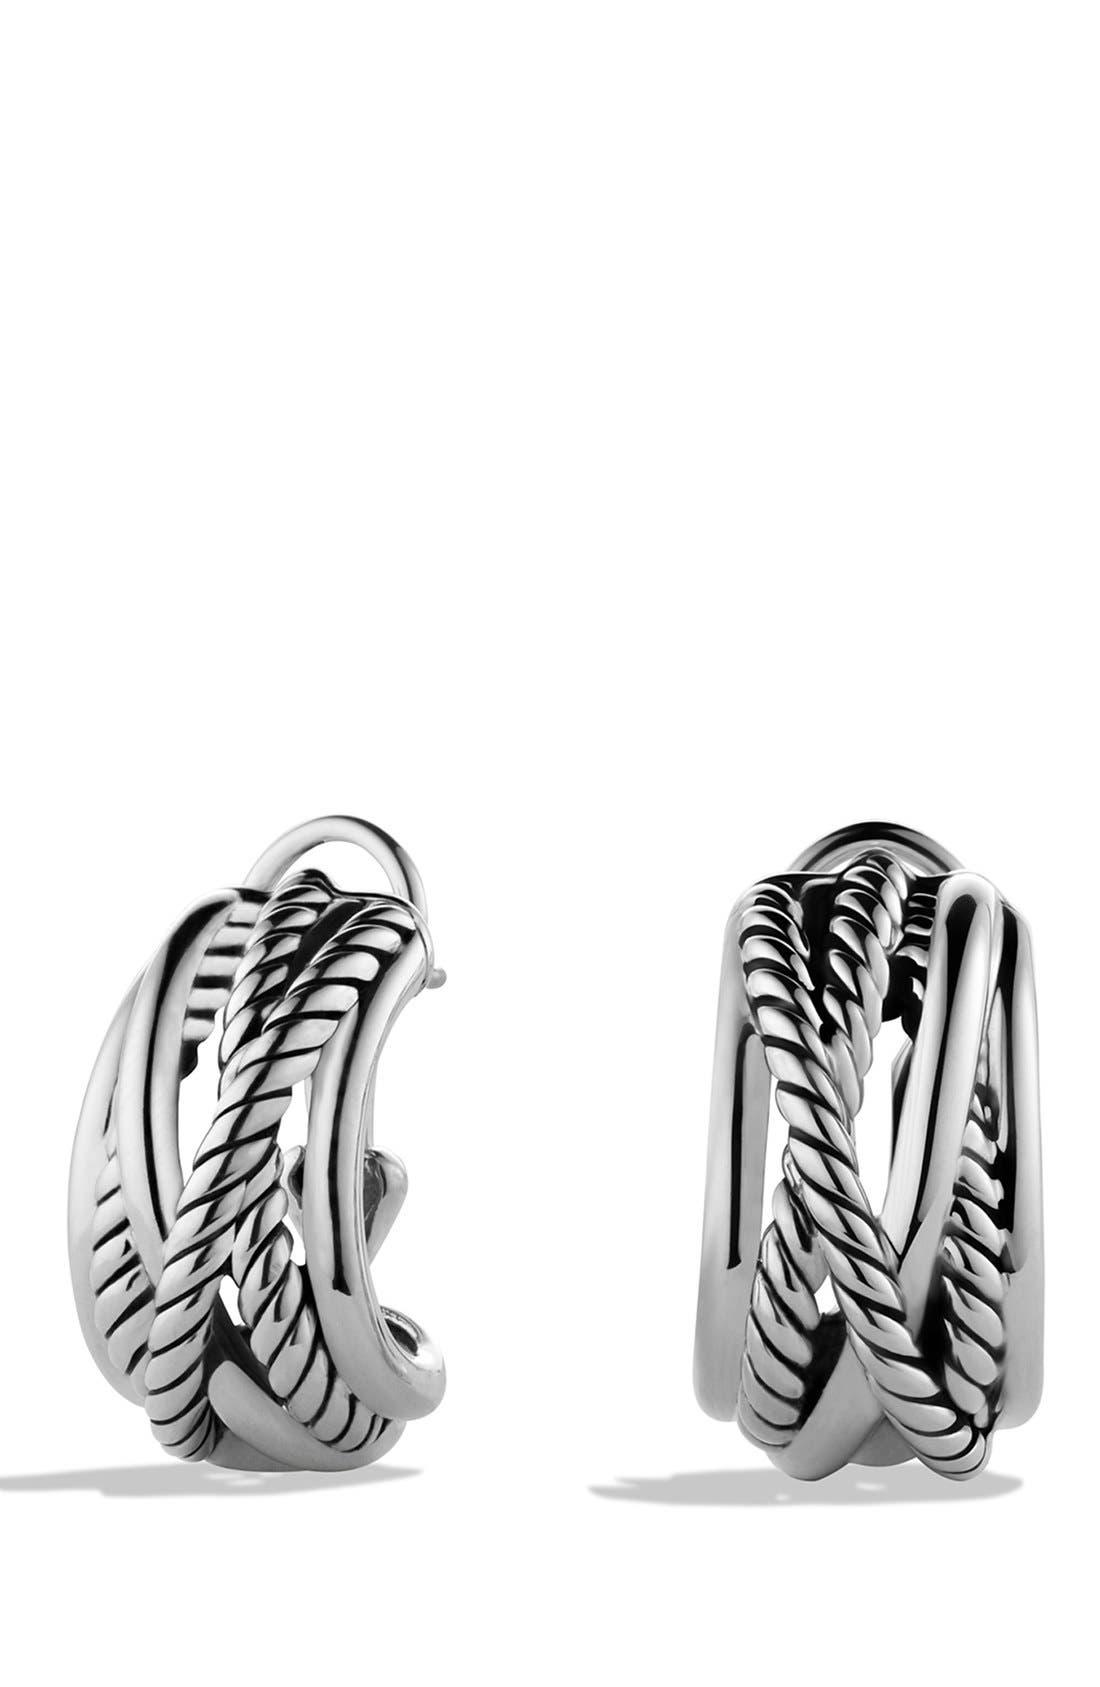 Main Image - David Yurman 'Crossover' Earrings